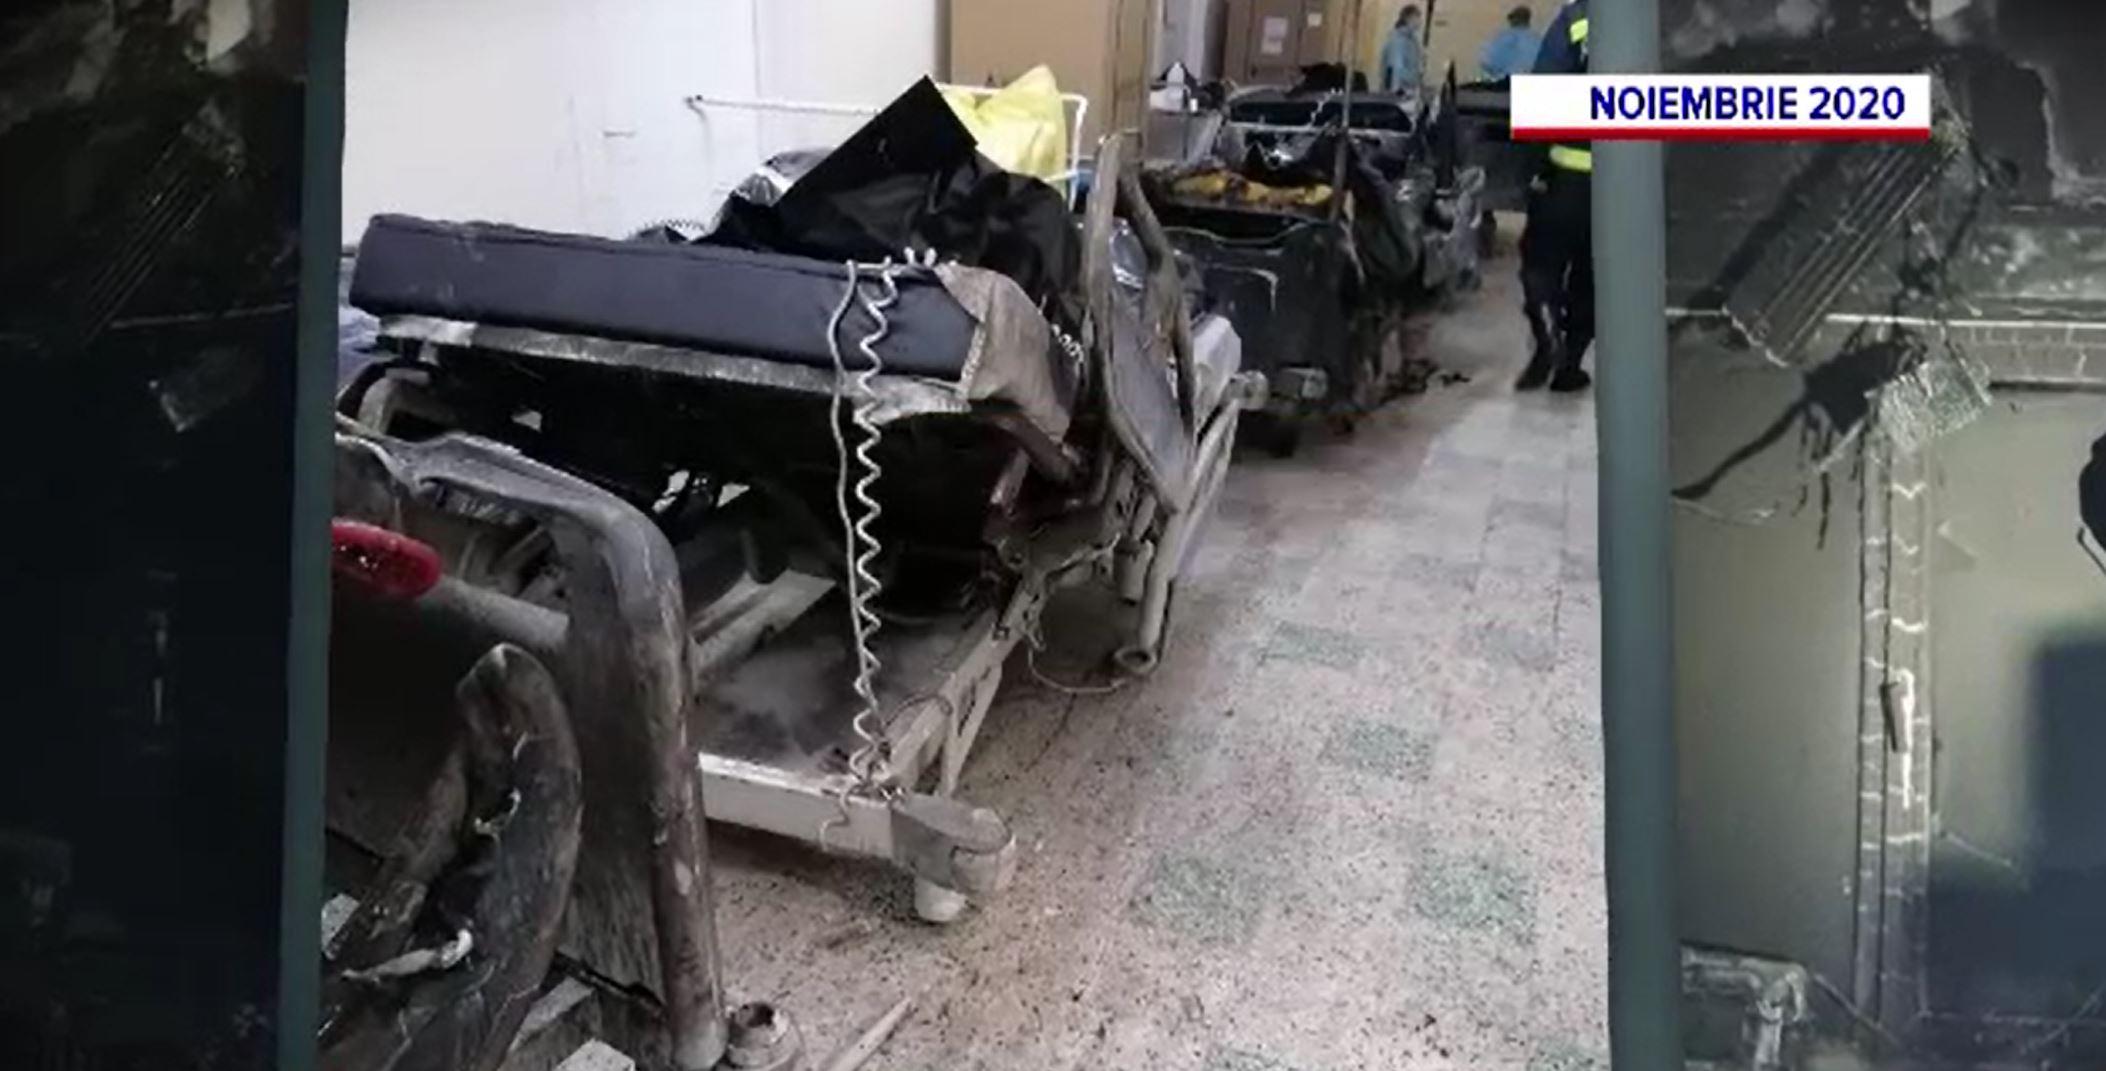 O nouă tragedie în spitalele din România, posibilă în orice moment. Raport dramatic întocmit de autorități